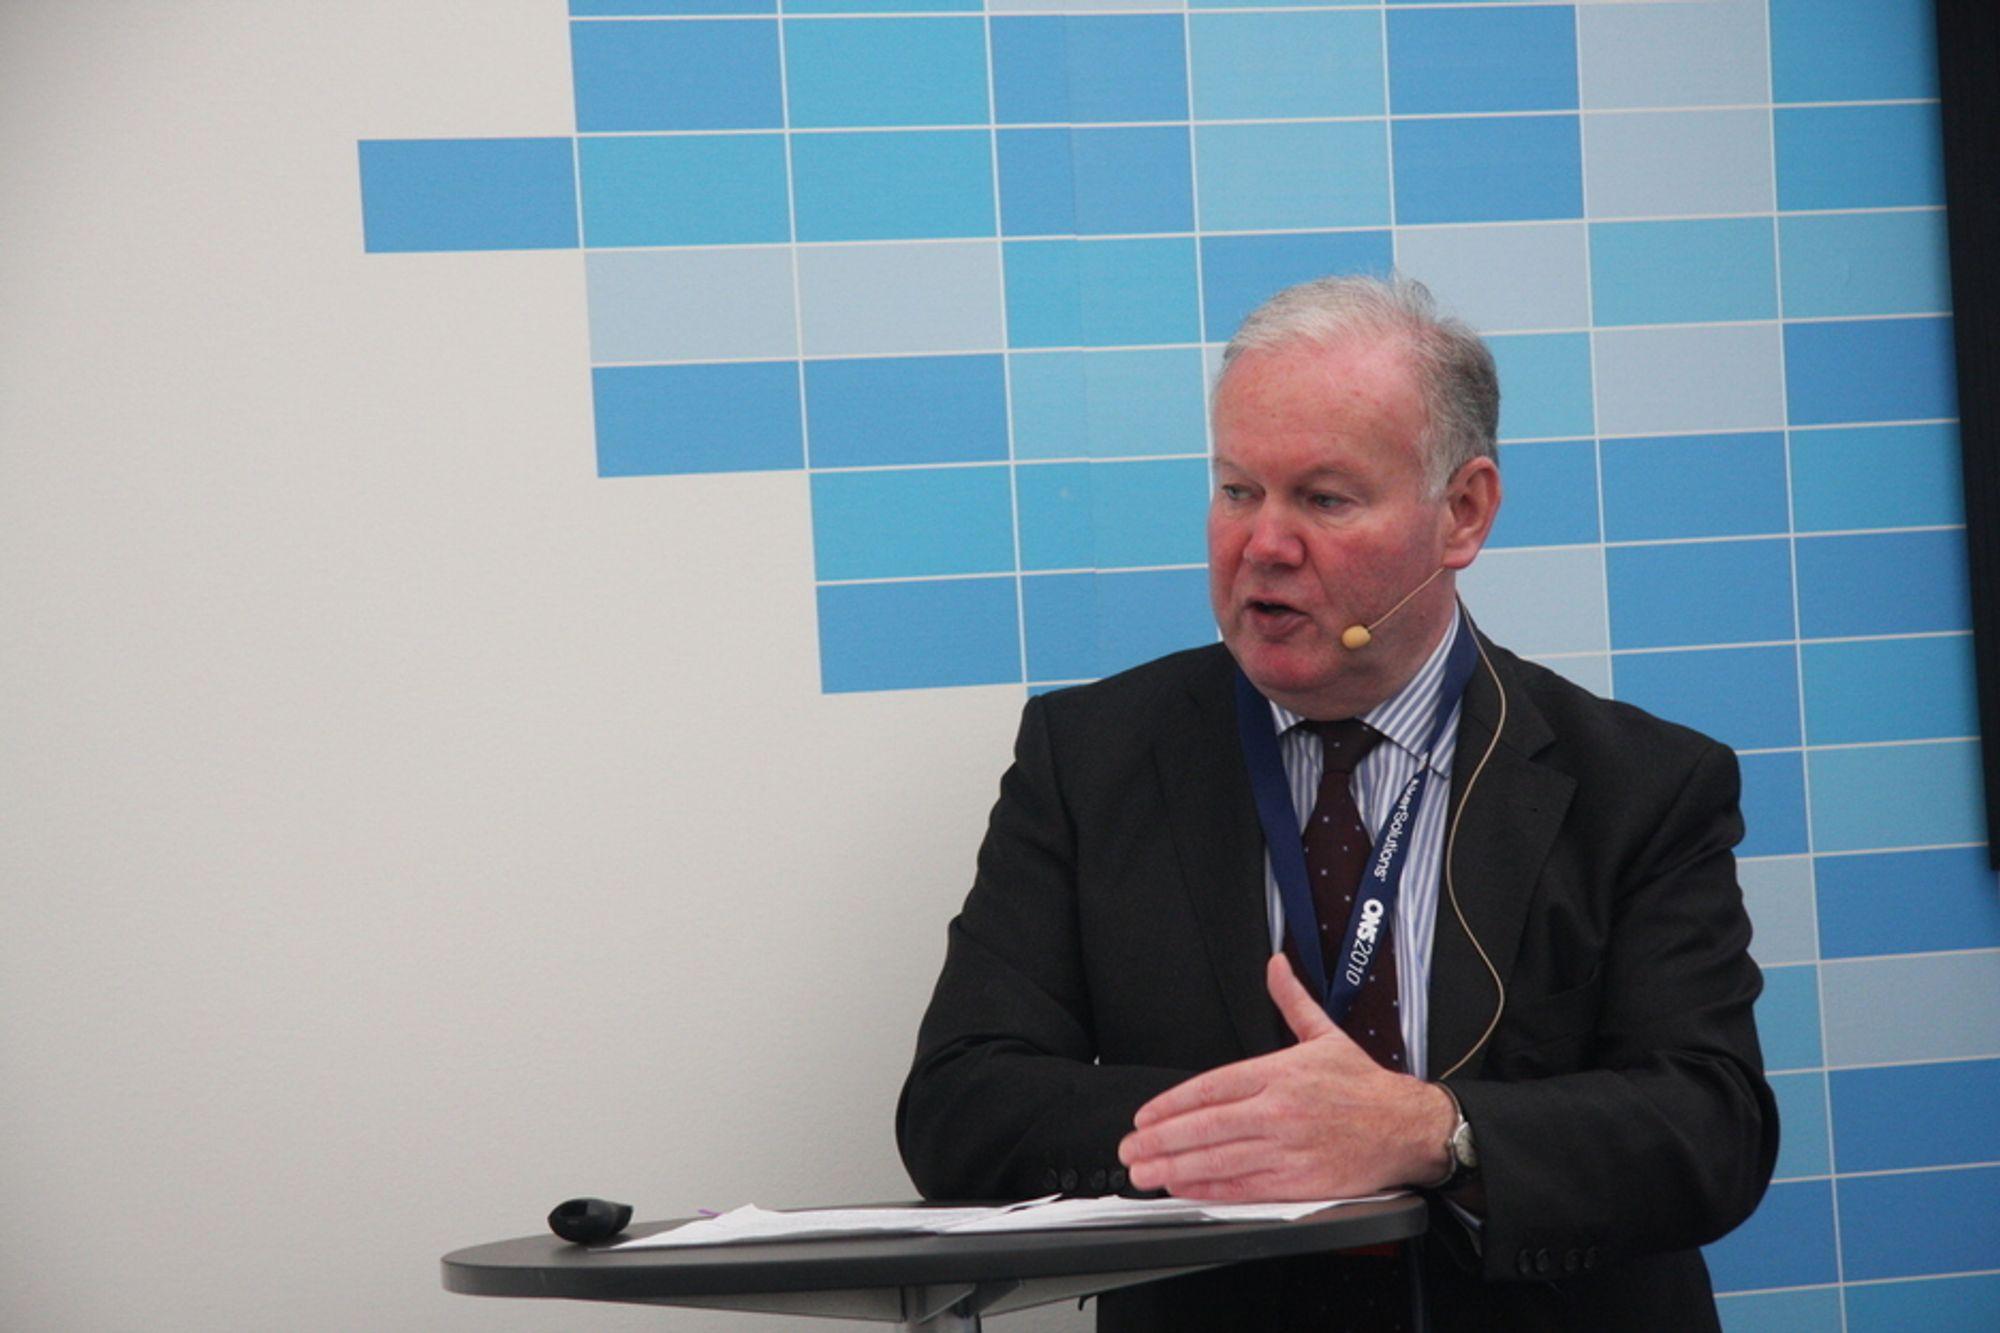 FRIERFERD: - Vi ønsker at de som er interessert i å investere i Storbritannia, skal føle seg trygg på rammebetingelsene, forsikrer den britiske energiministeren, Charles Hendry.